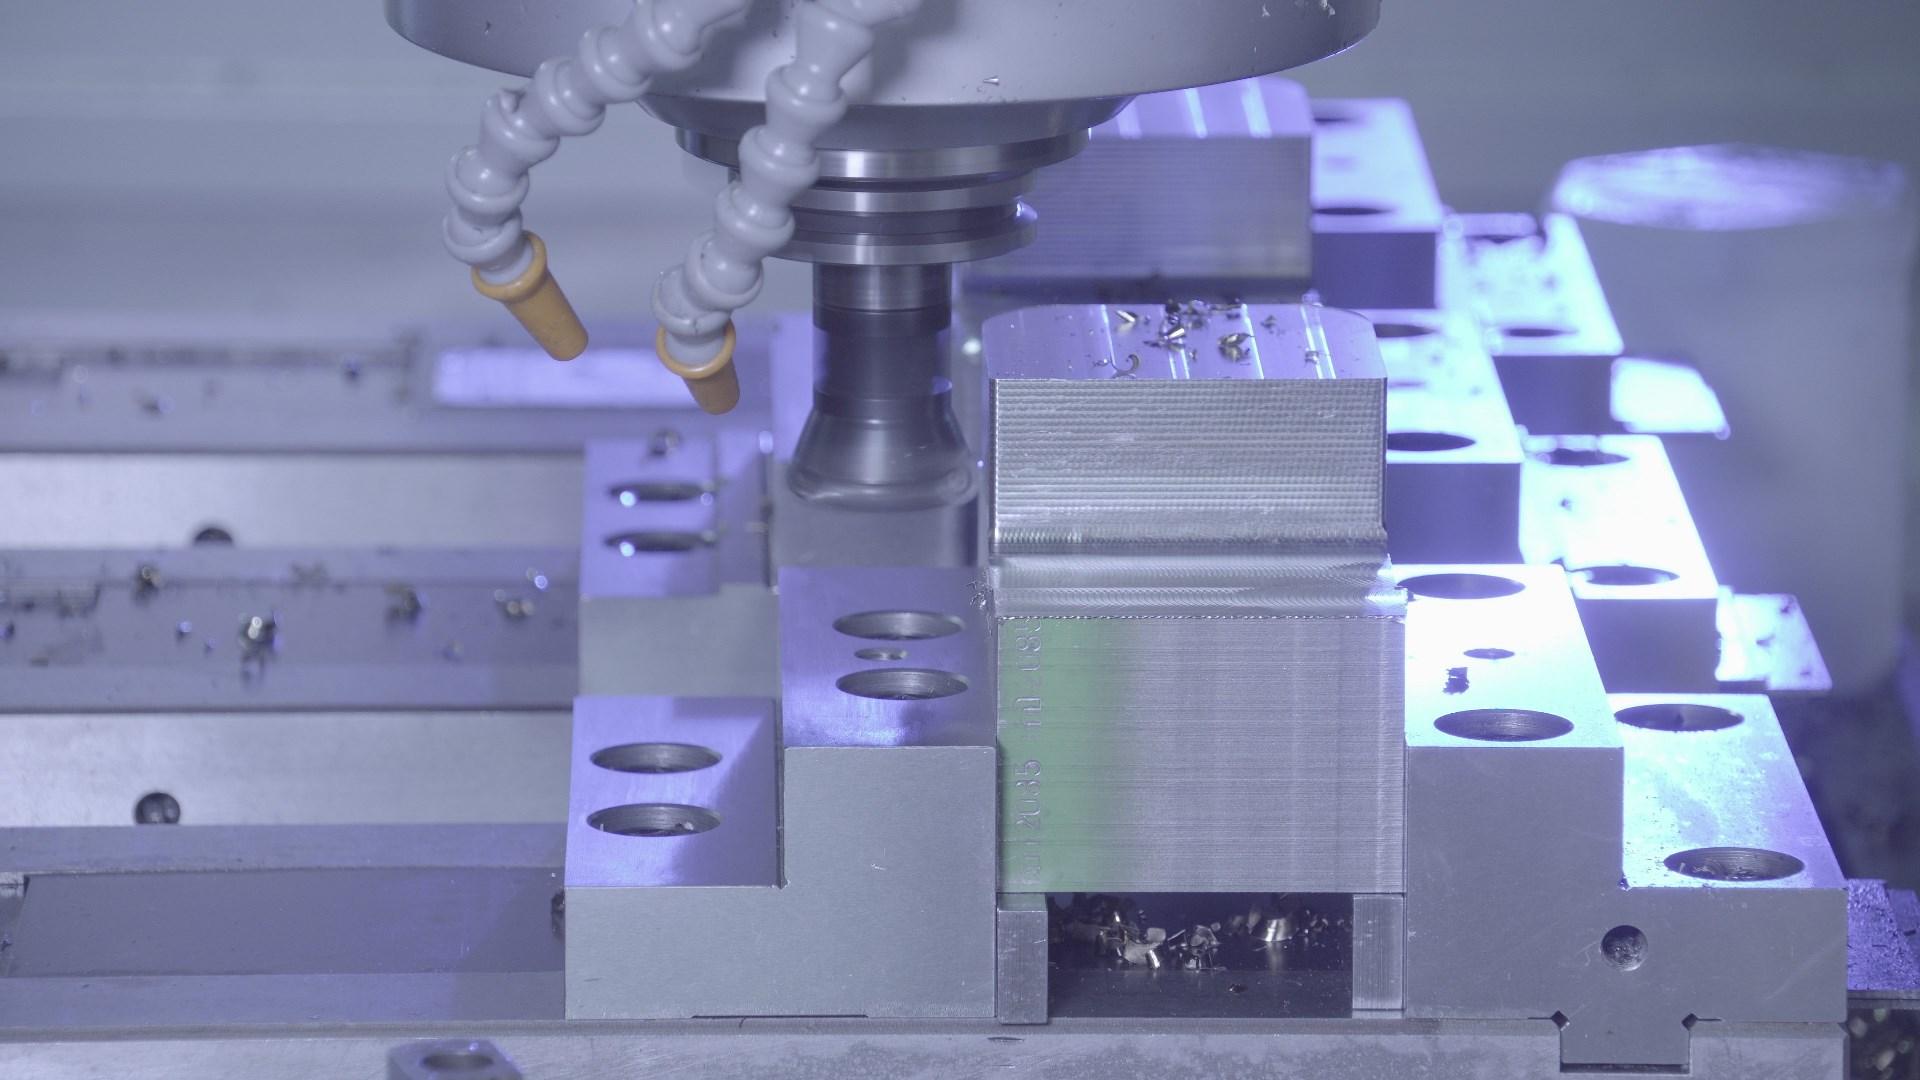 Technische Werbefilme - Von der Herstellung bis zum fertigen Produkt